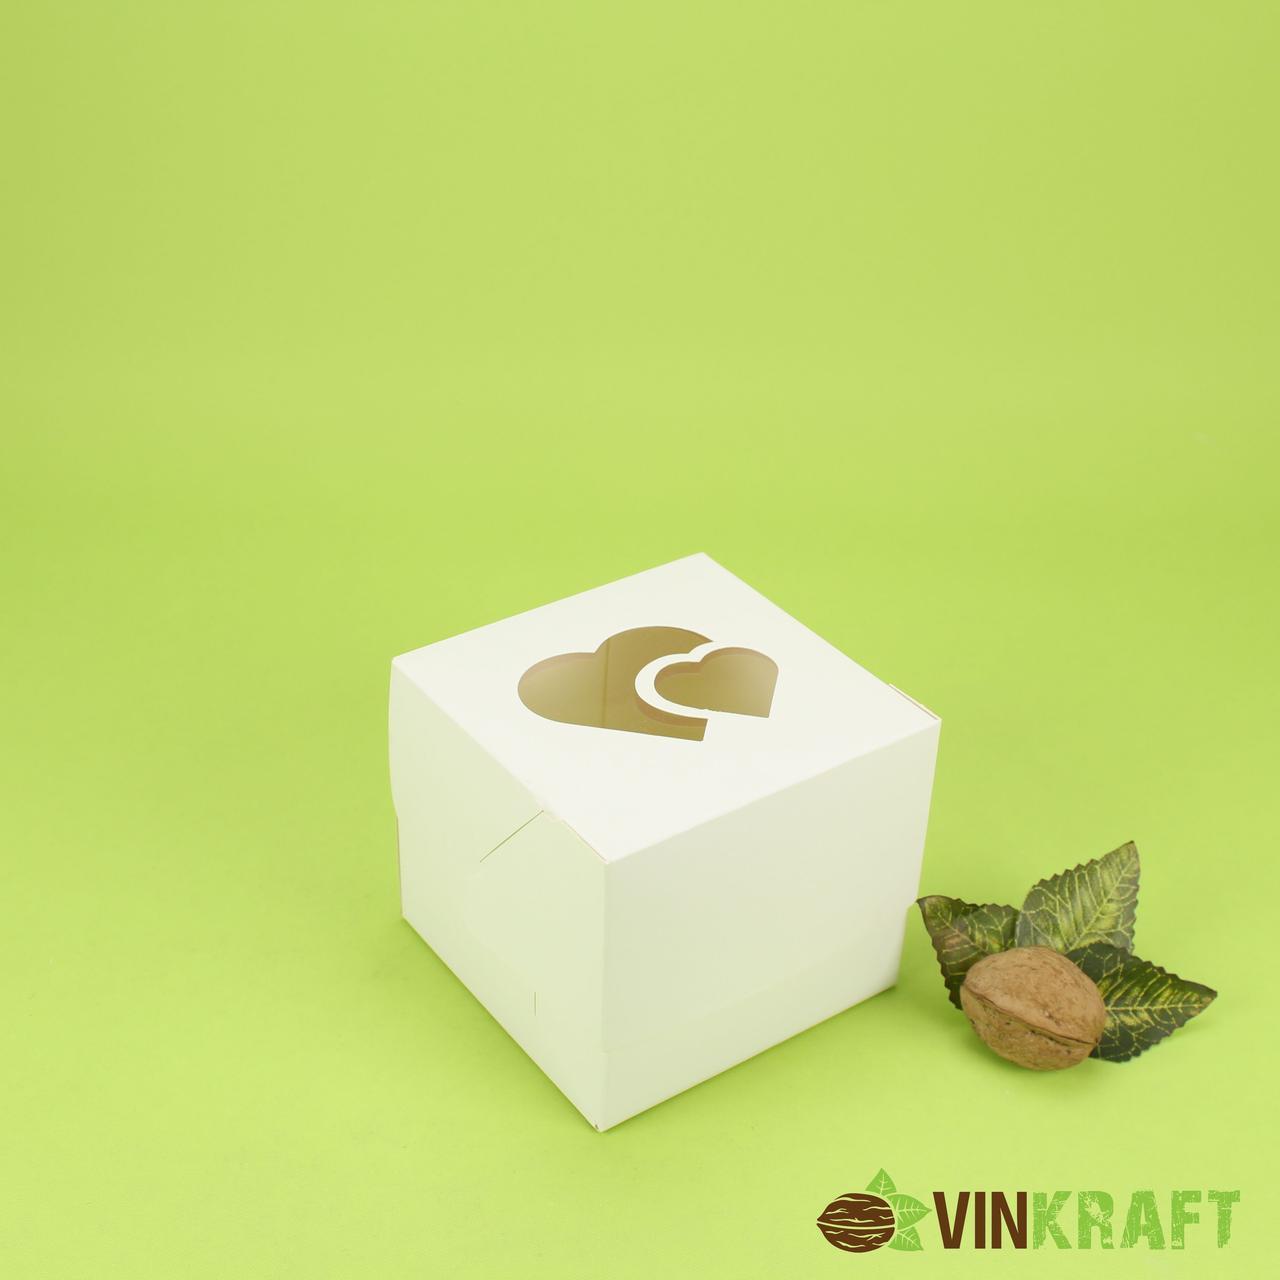 Коробка 100*100*90 для капкейків (1 шт) з вікном у формі 2-х сердець, біла